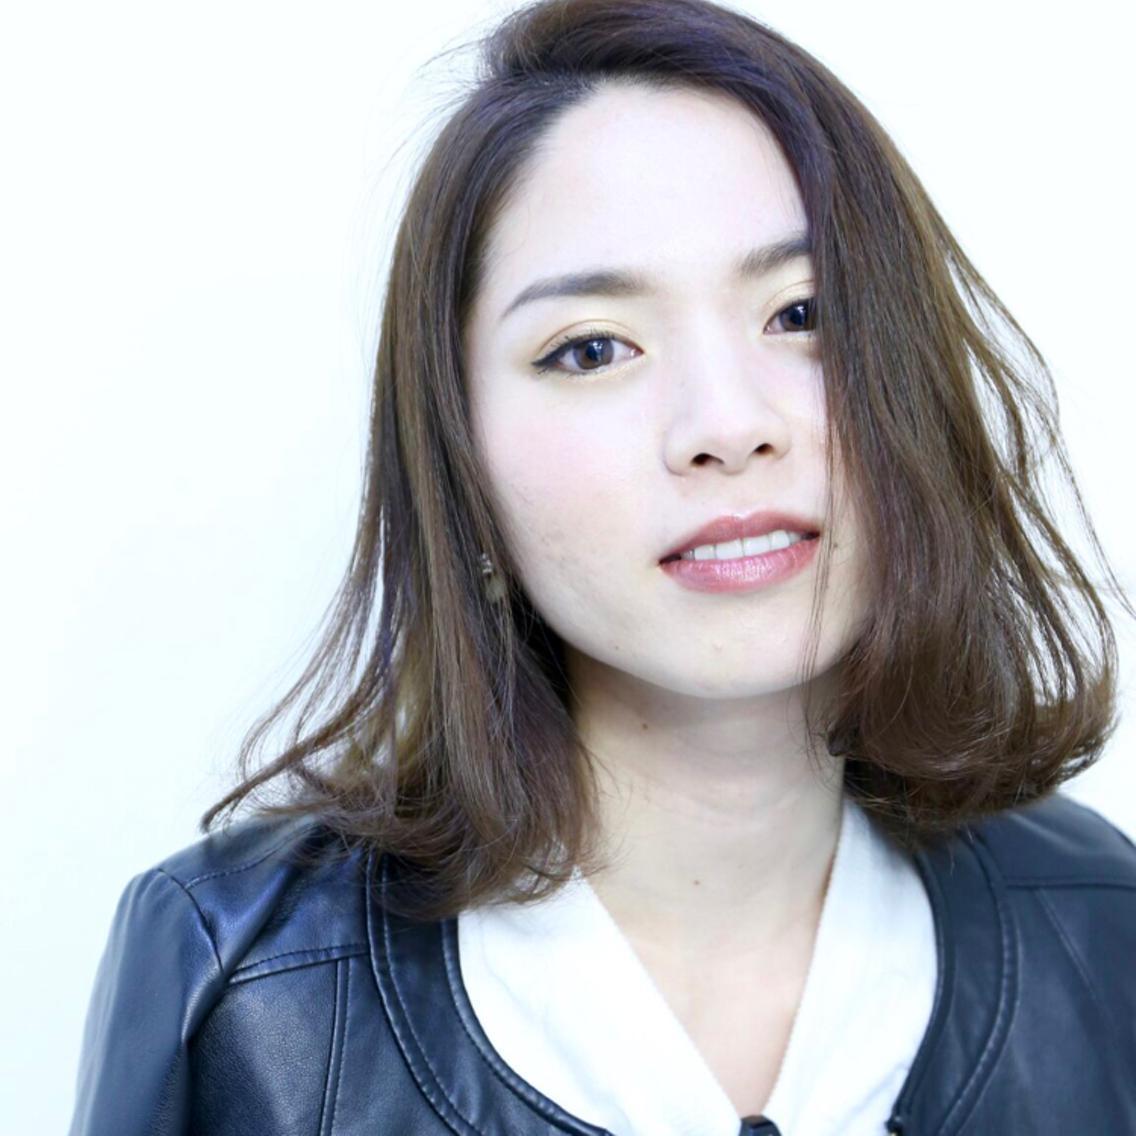 「栄駅から徒歩五分」!!!⭐️ダメージレス!⭐️デザイン!⭐️今流行りのカラーも艶髪で!⭐️カウンセリングもドレープ診断で似合う色を見つけます!